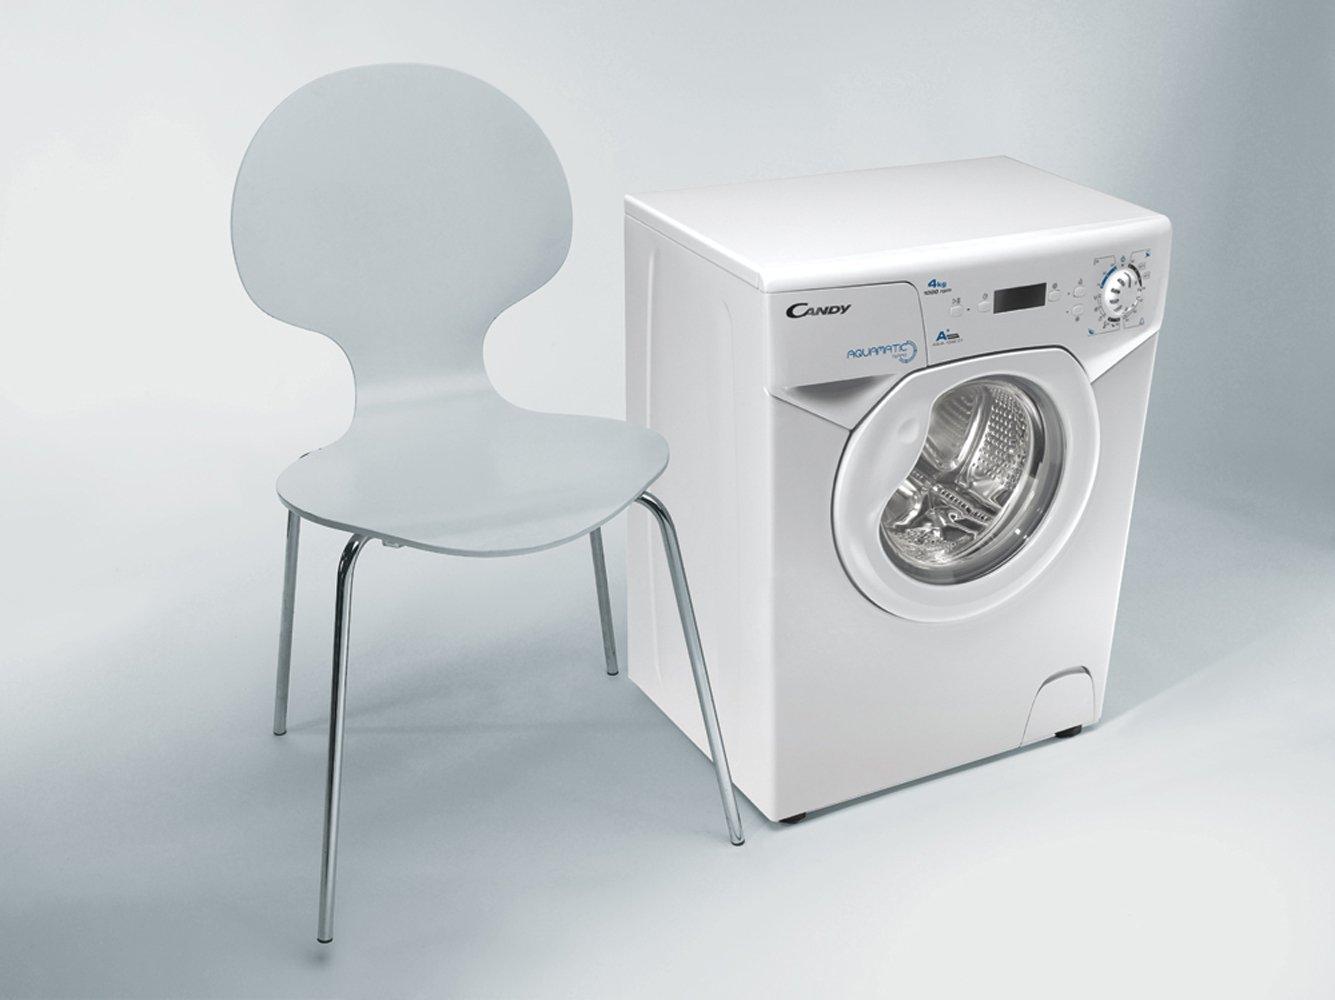 Candy-Aqua-1142-D1-Waschmaschine-FL-A-141-kWhJahr-1100-UpM-4-kg-6400-LJahr-nur-44-cm-tief-nur-695-cm-hoch-weiss